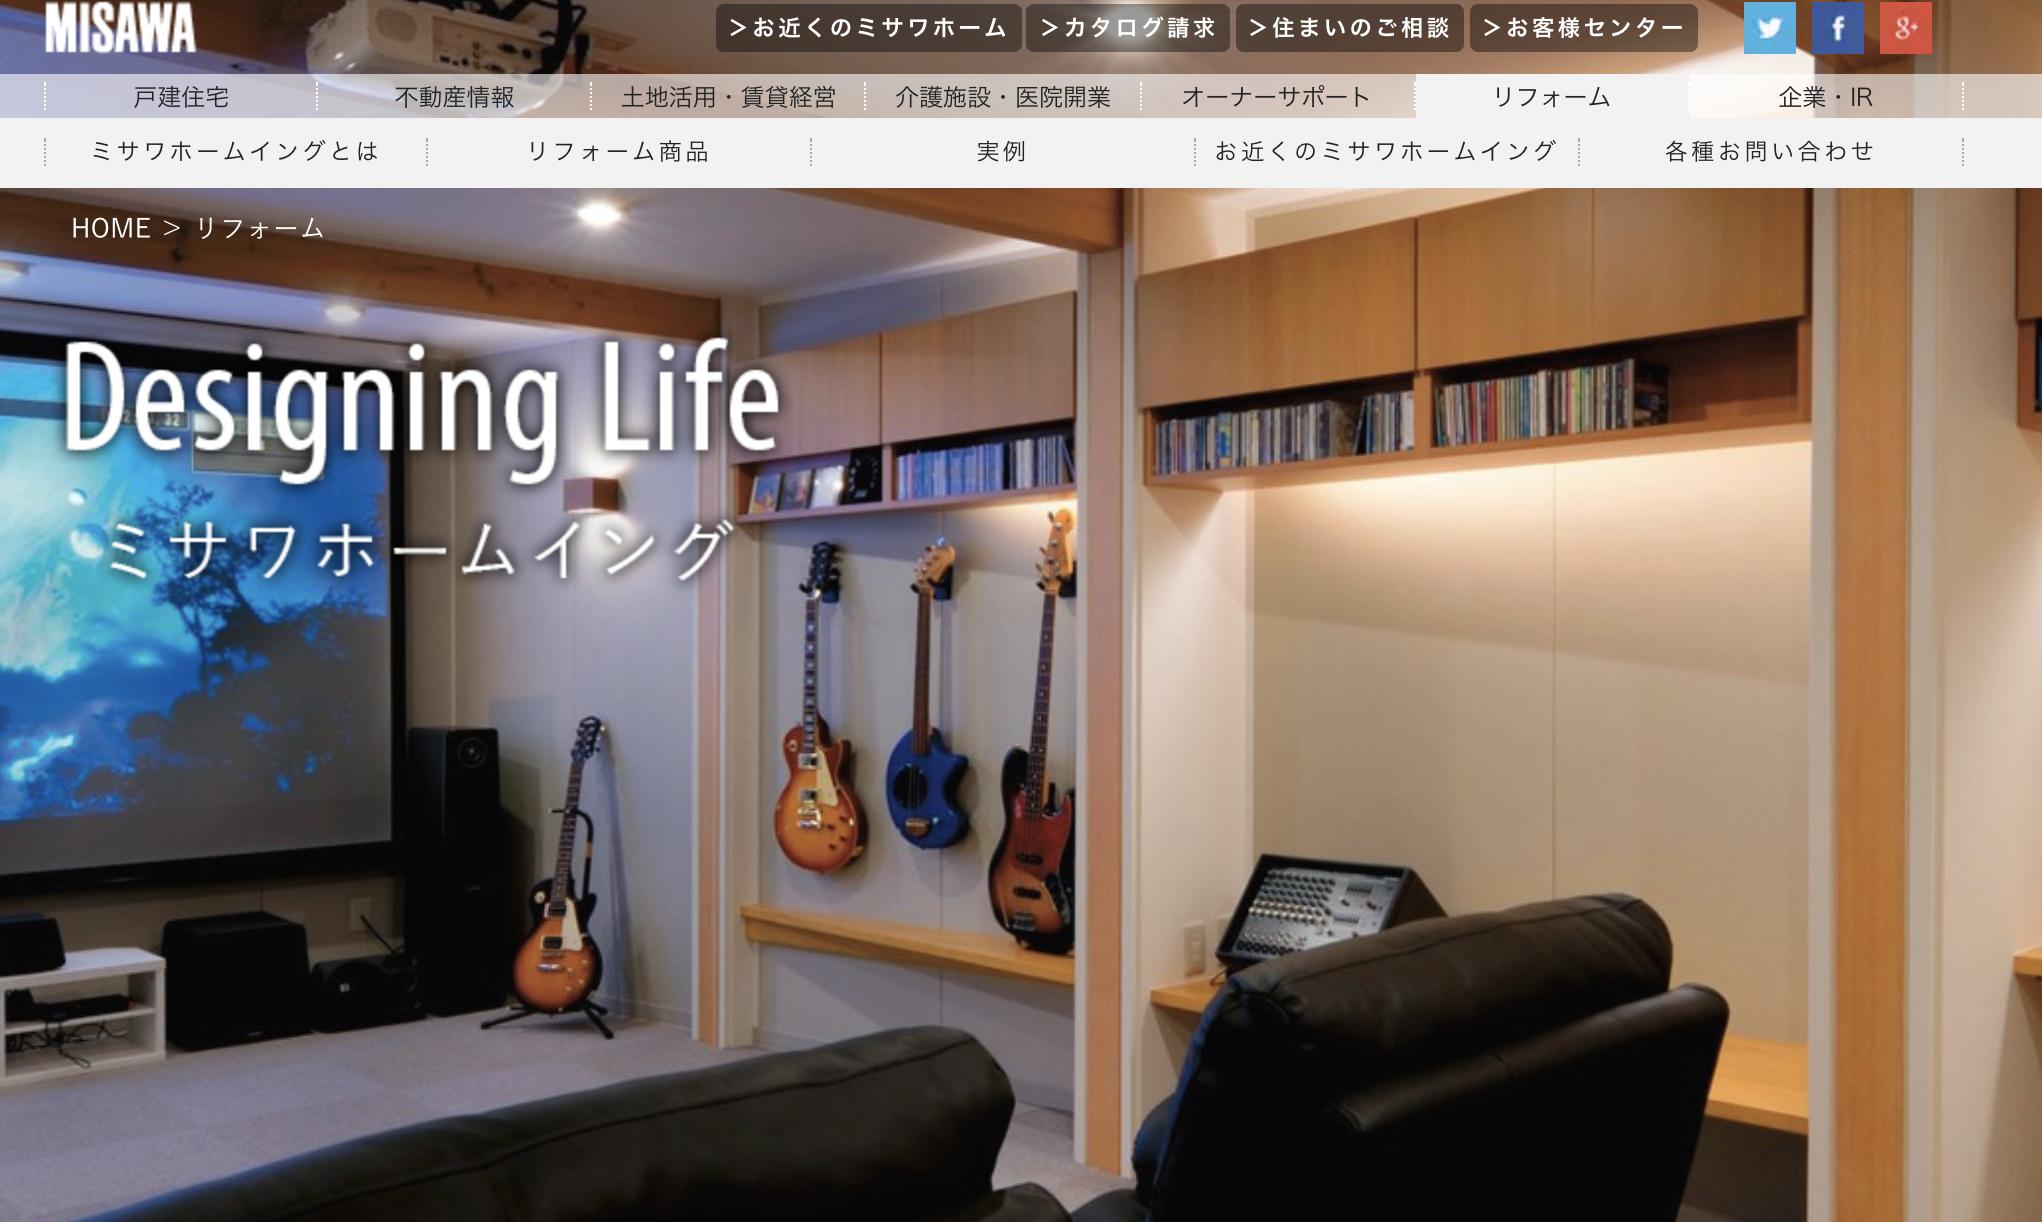 リフォームを大阪でするときにおすすめの会社7選【選ぶポイントも解説】